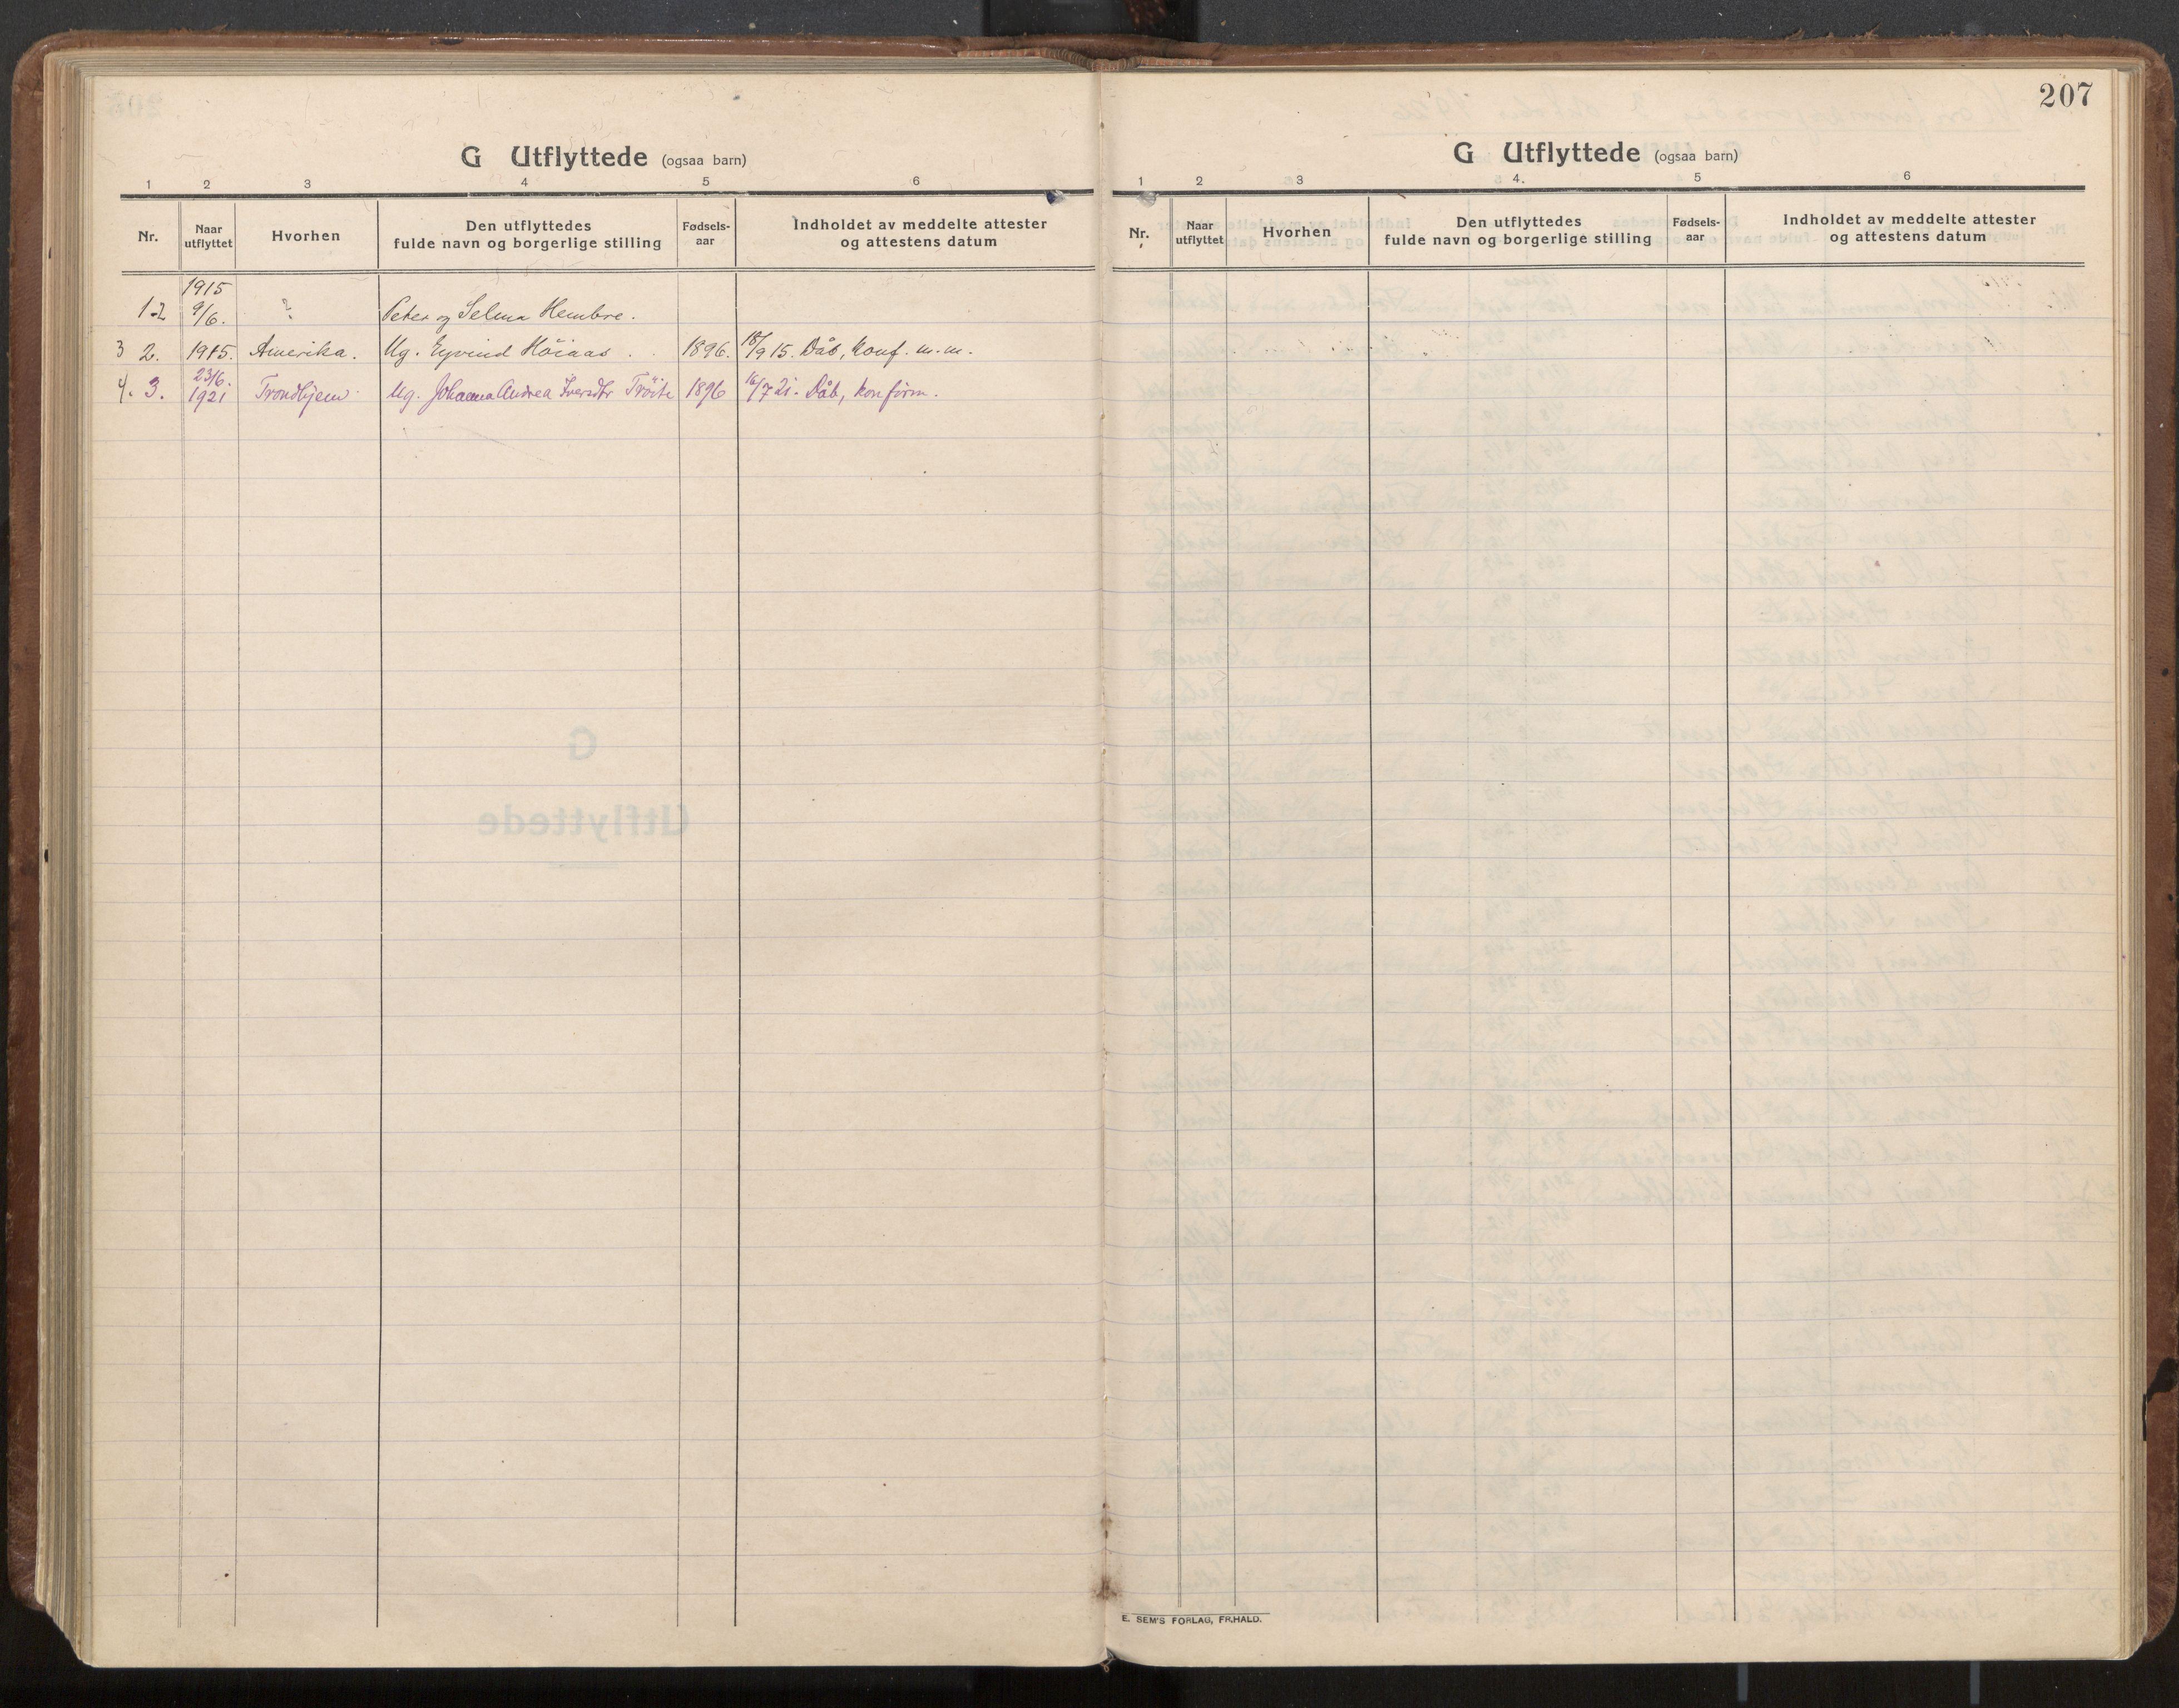 SAT, Ministerialprotokoller, klokkerbøker og fødselsregistre - Nord-Trøndelag, 703/L0037: Parish register (official) no. 703A10, 1915-1932, p. 207